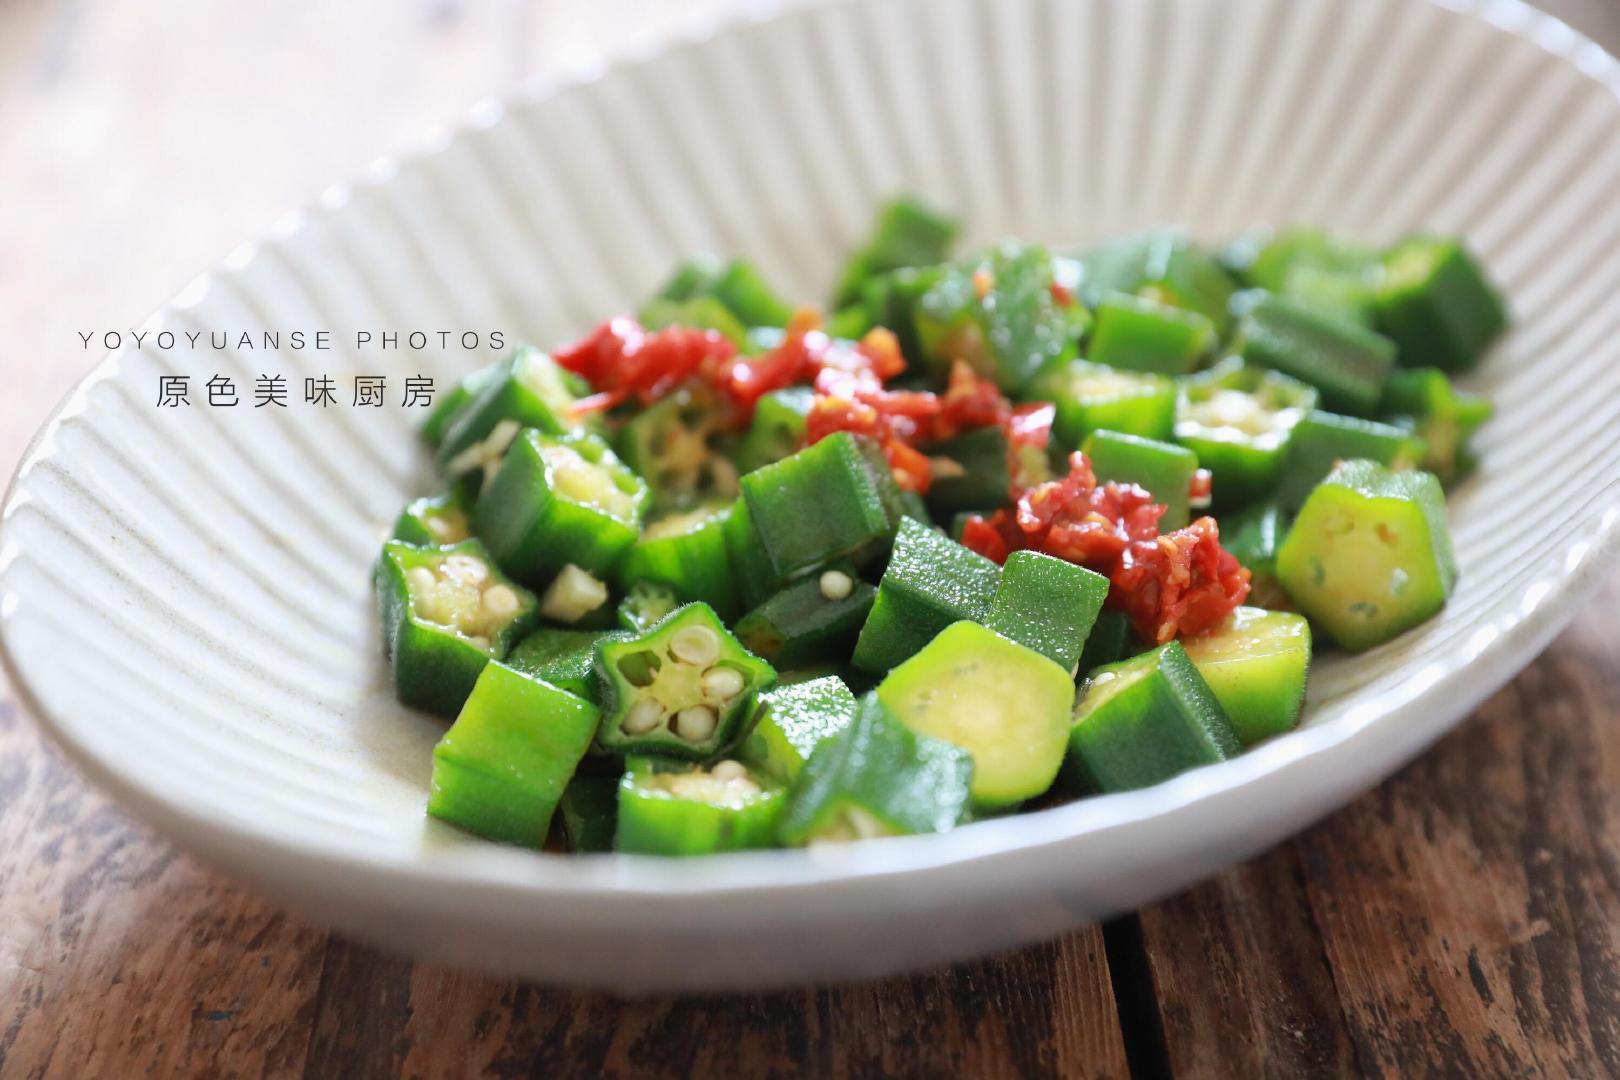 秋葵不要直接切,这么做多汁营养不流失,大热天最适合的吃法